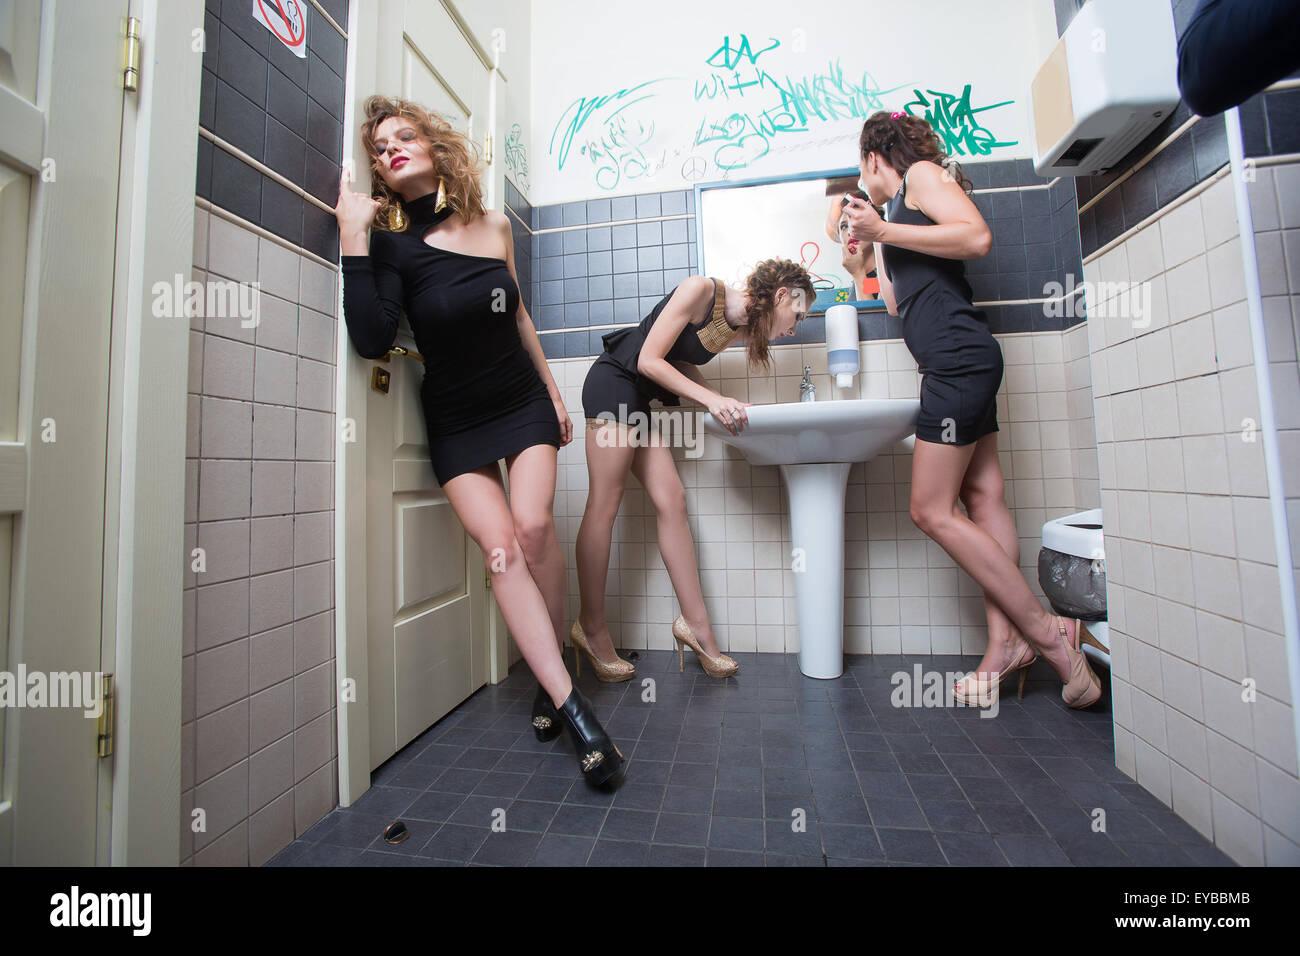 такие клубные шалавы в туалете родами женщины решили